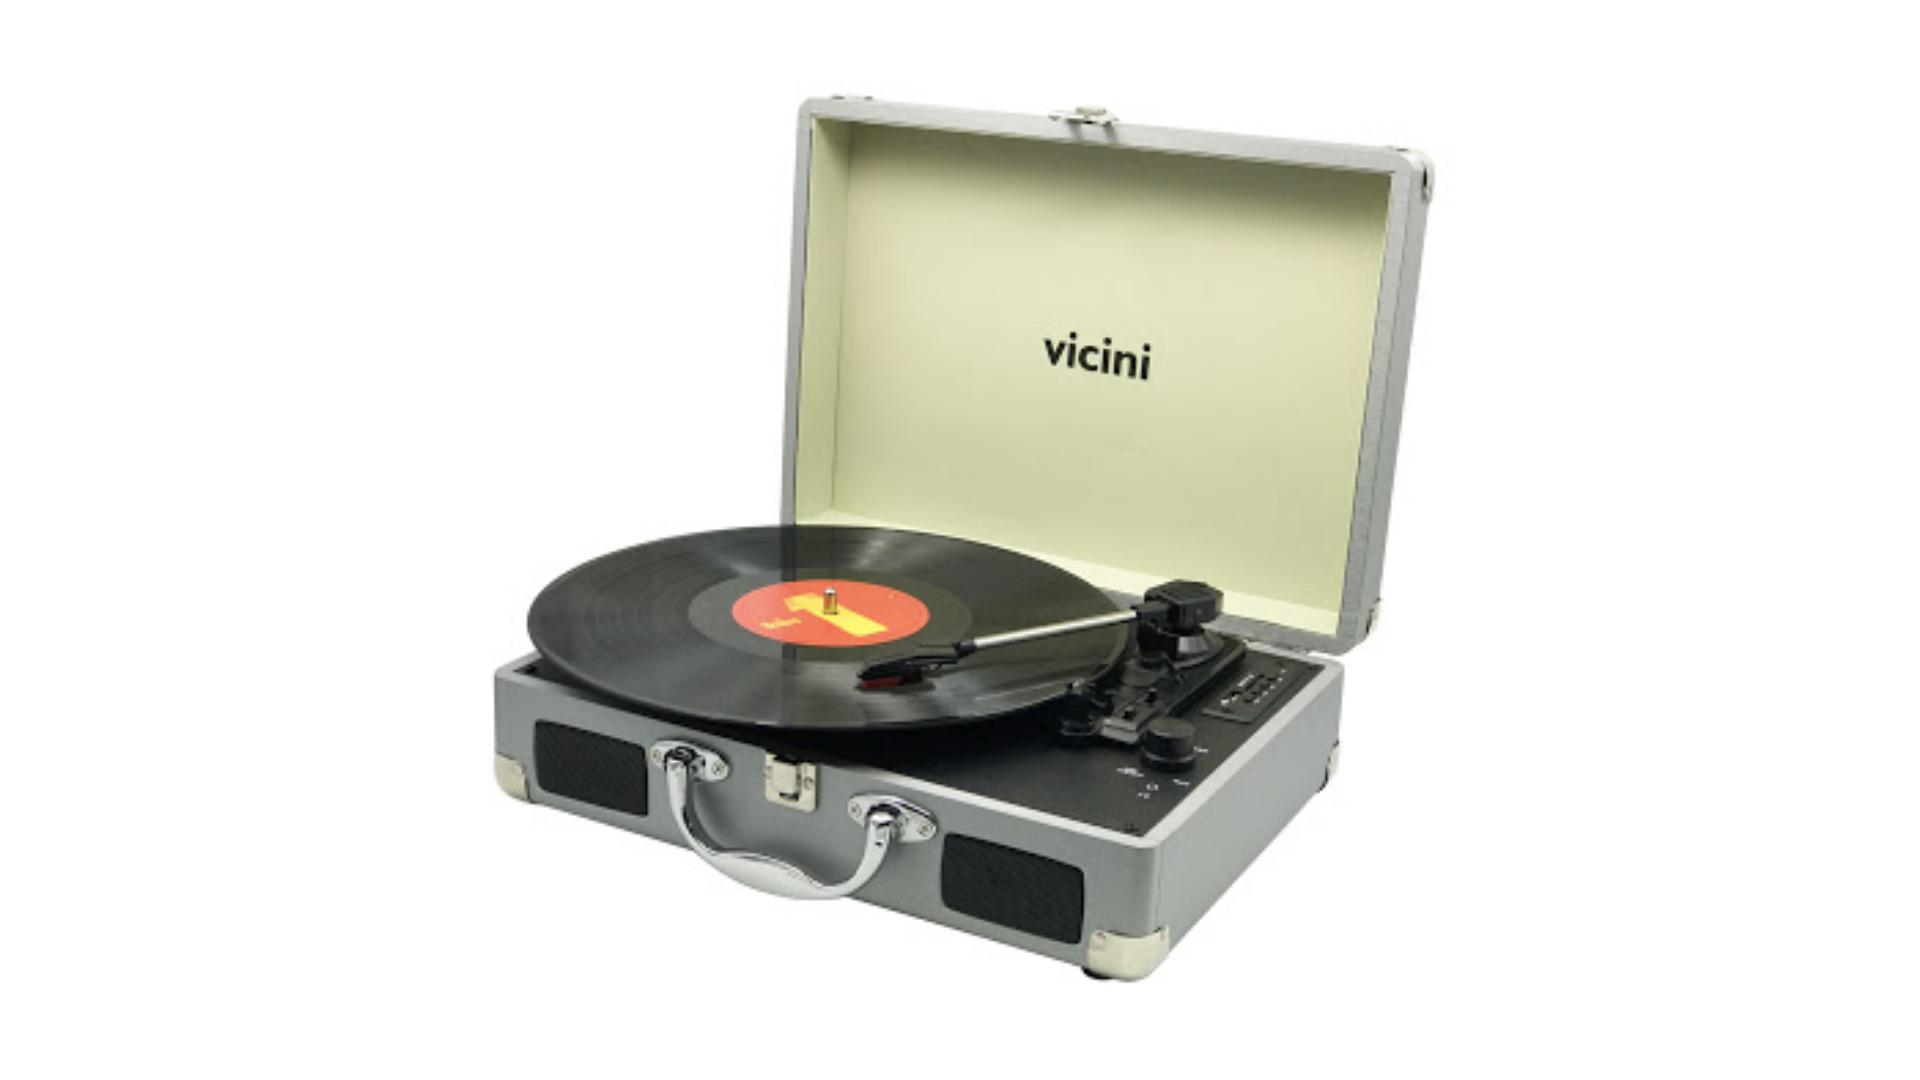 Vicini VC-285 (Imagem: Divulgação/Vicini)